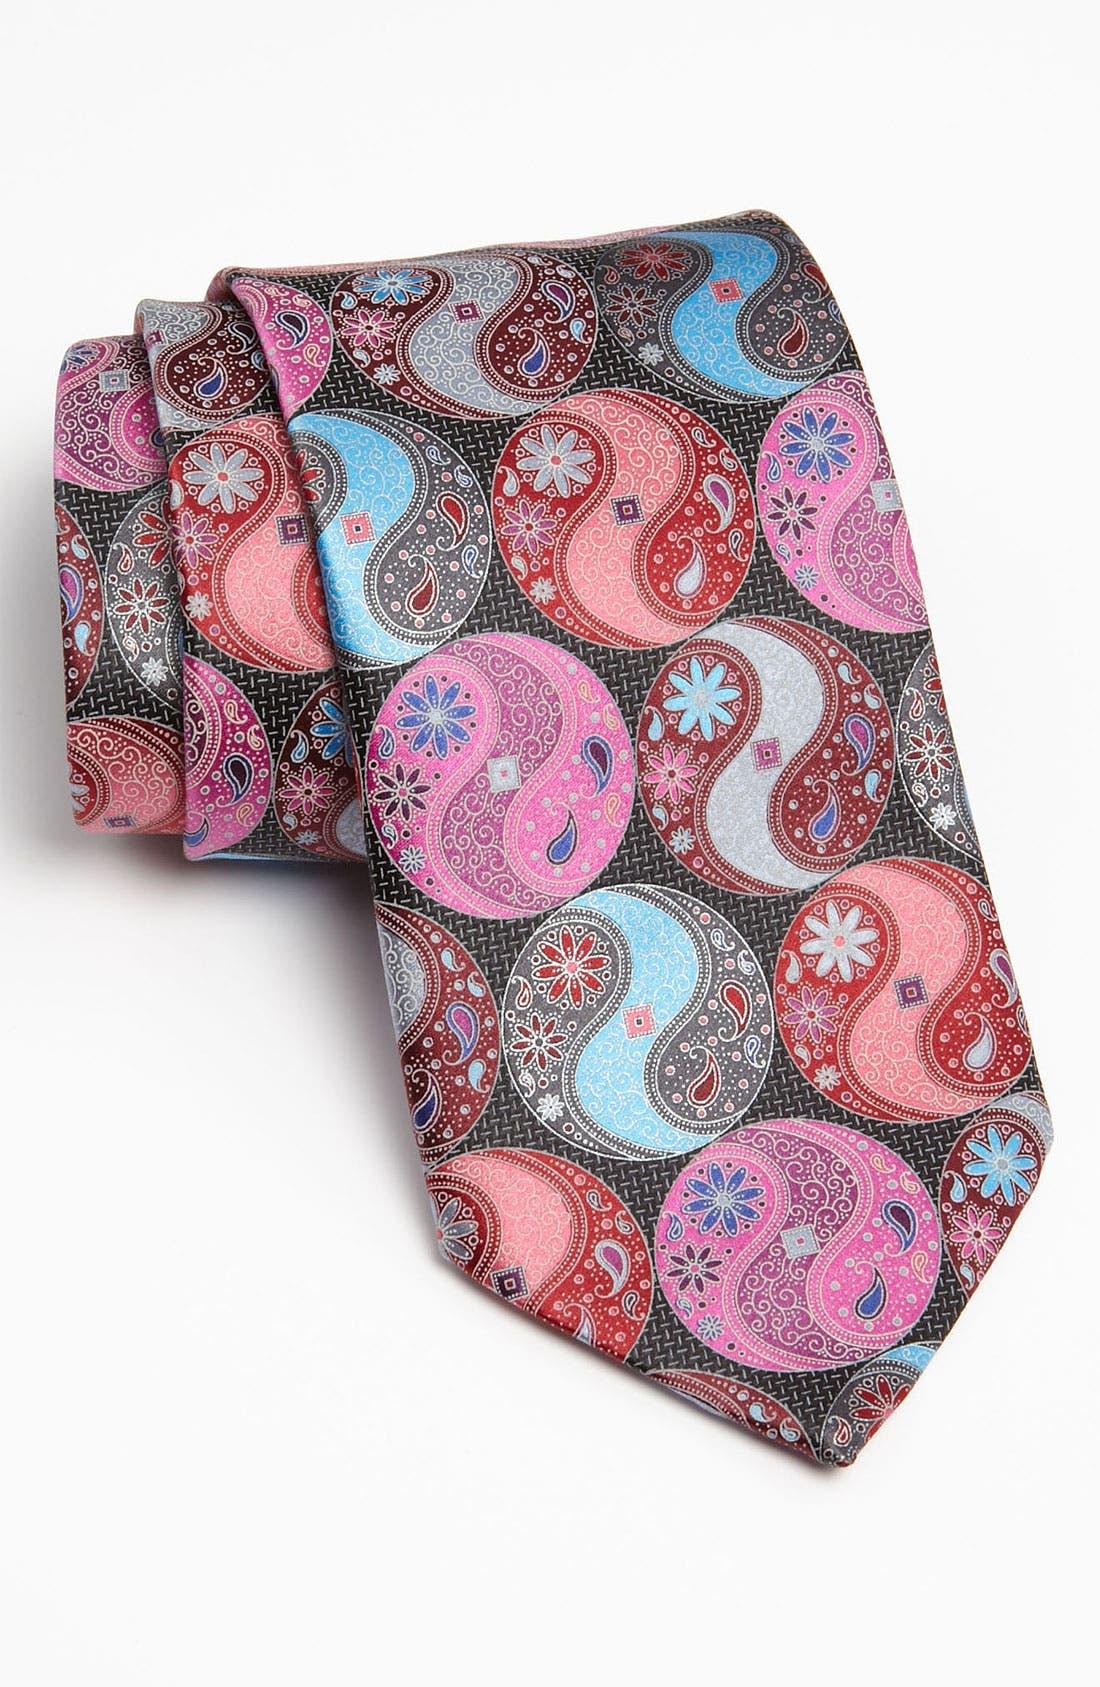 Alternate Image 1 Selected - Ermenegildo Zegna 'Quindici' Print Silk Tie